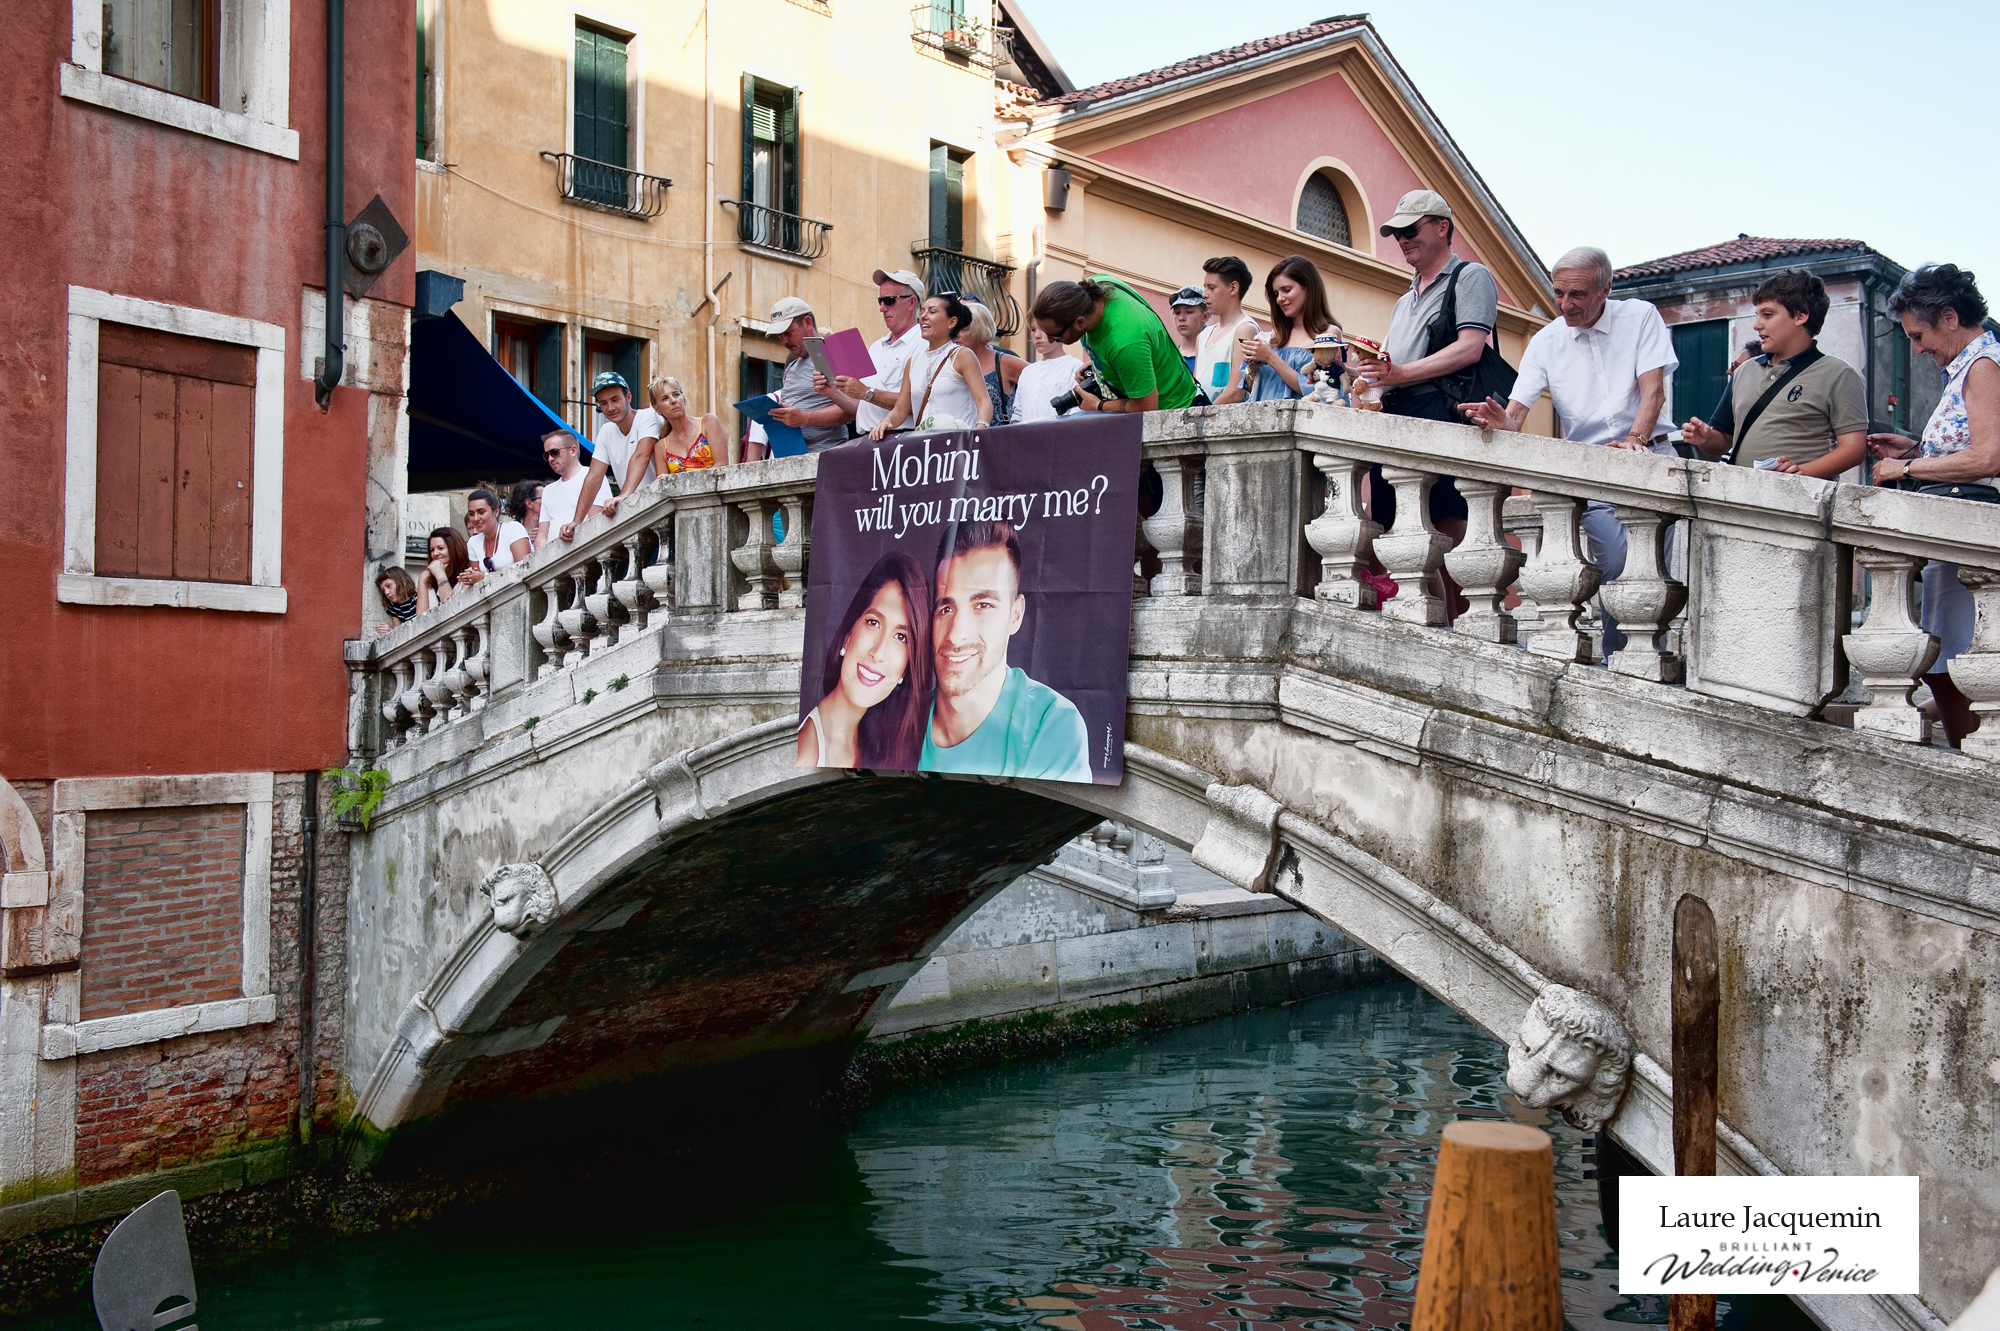 venise gondole banner fiancaille photographe demande mariage laure jacquemin (14)